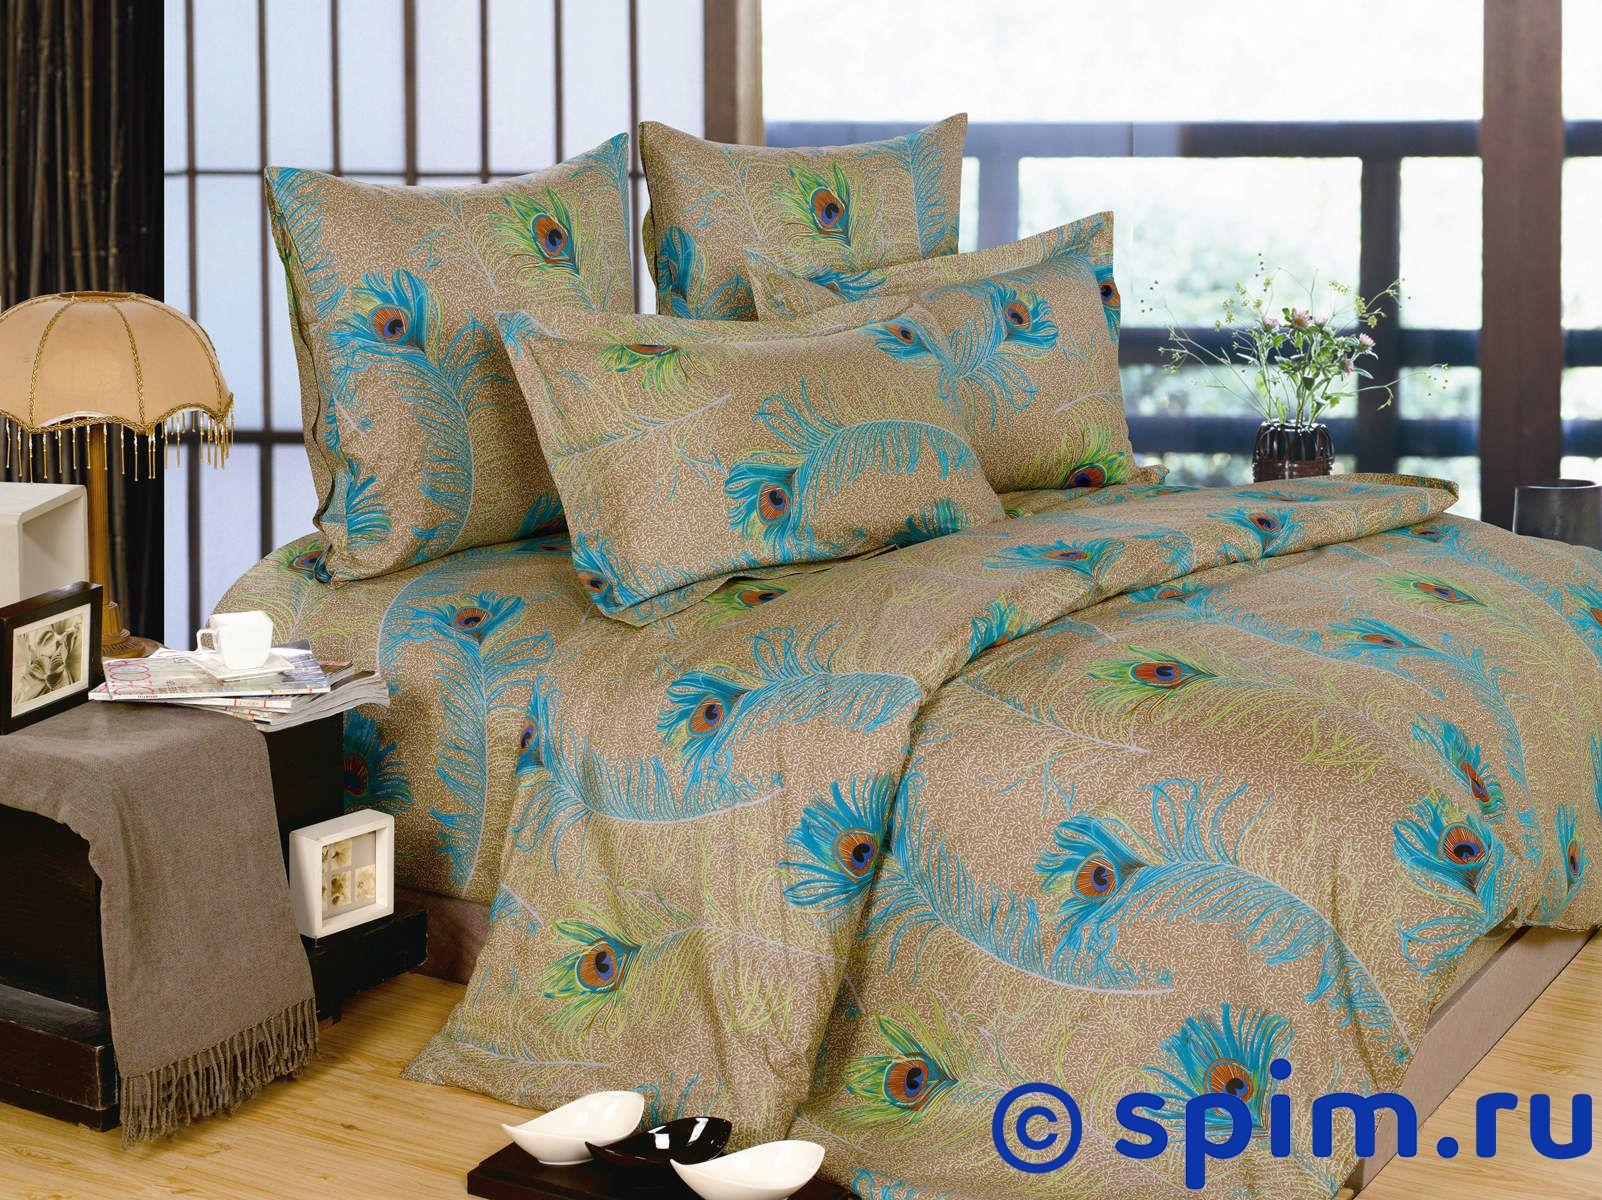 Комплект СайлиД А144 2 спальноеПостельное белье СайлиД<br>Материал: 100% хлопок (поплин). Плотность, г/м2: 125. Размер : 2 спальное<br><br>Размер: 2 спальное